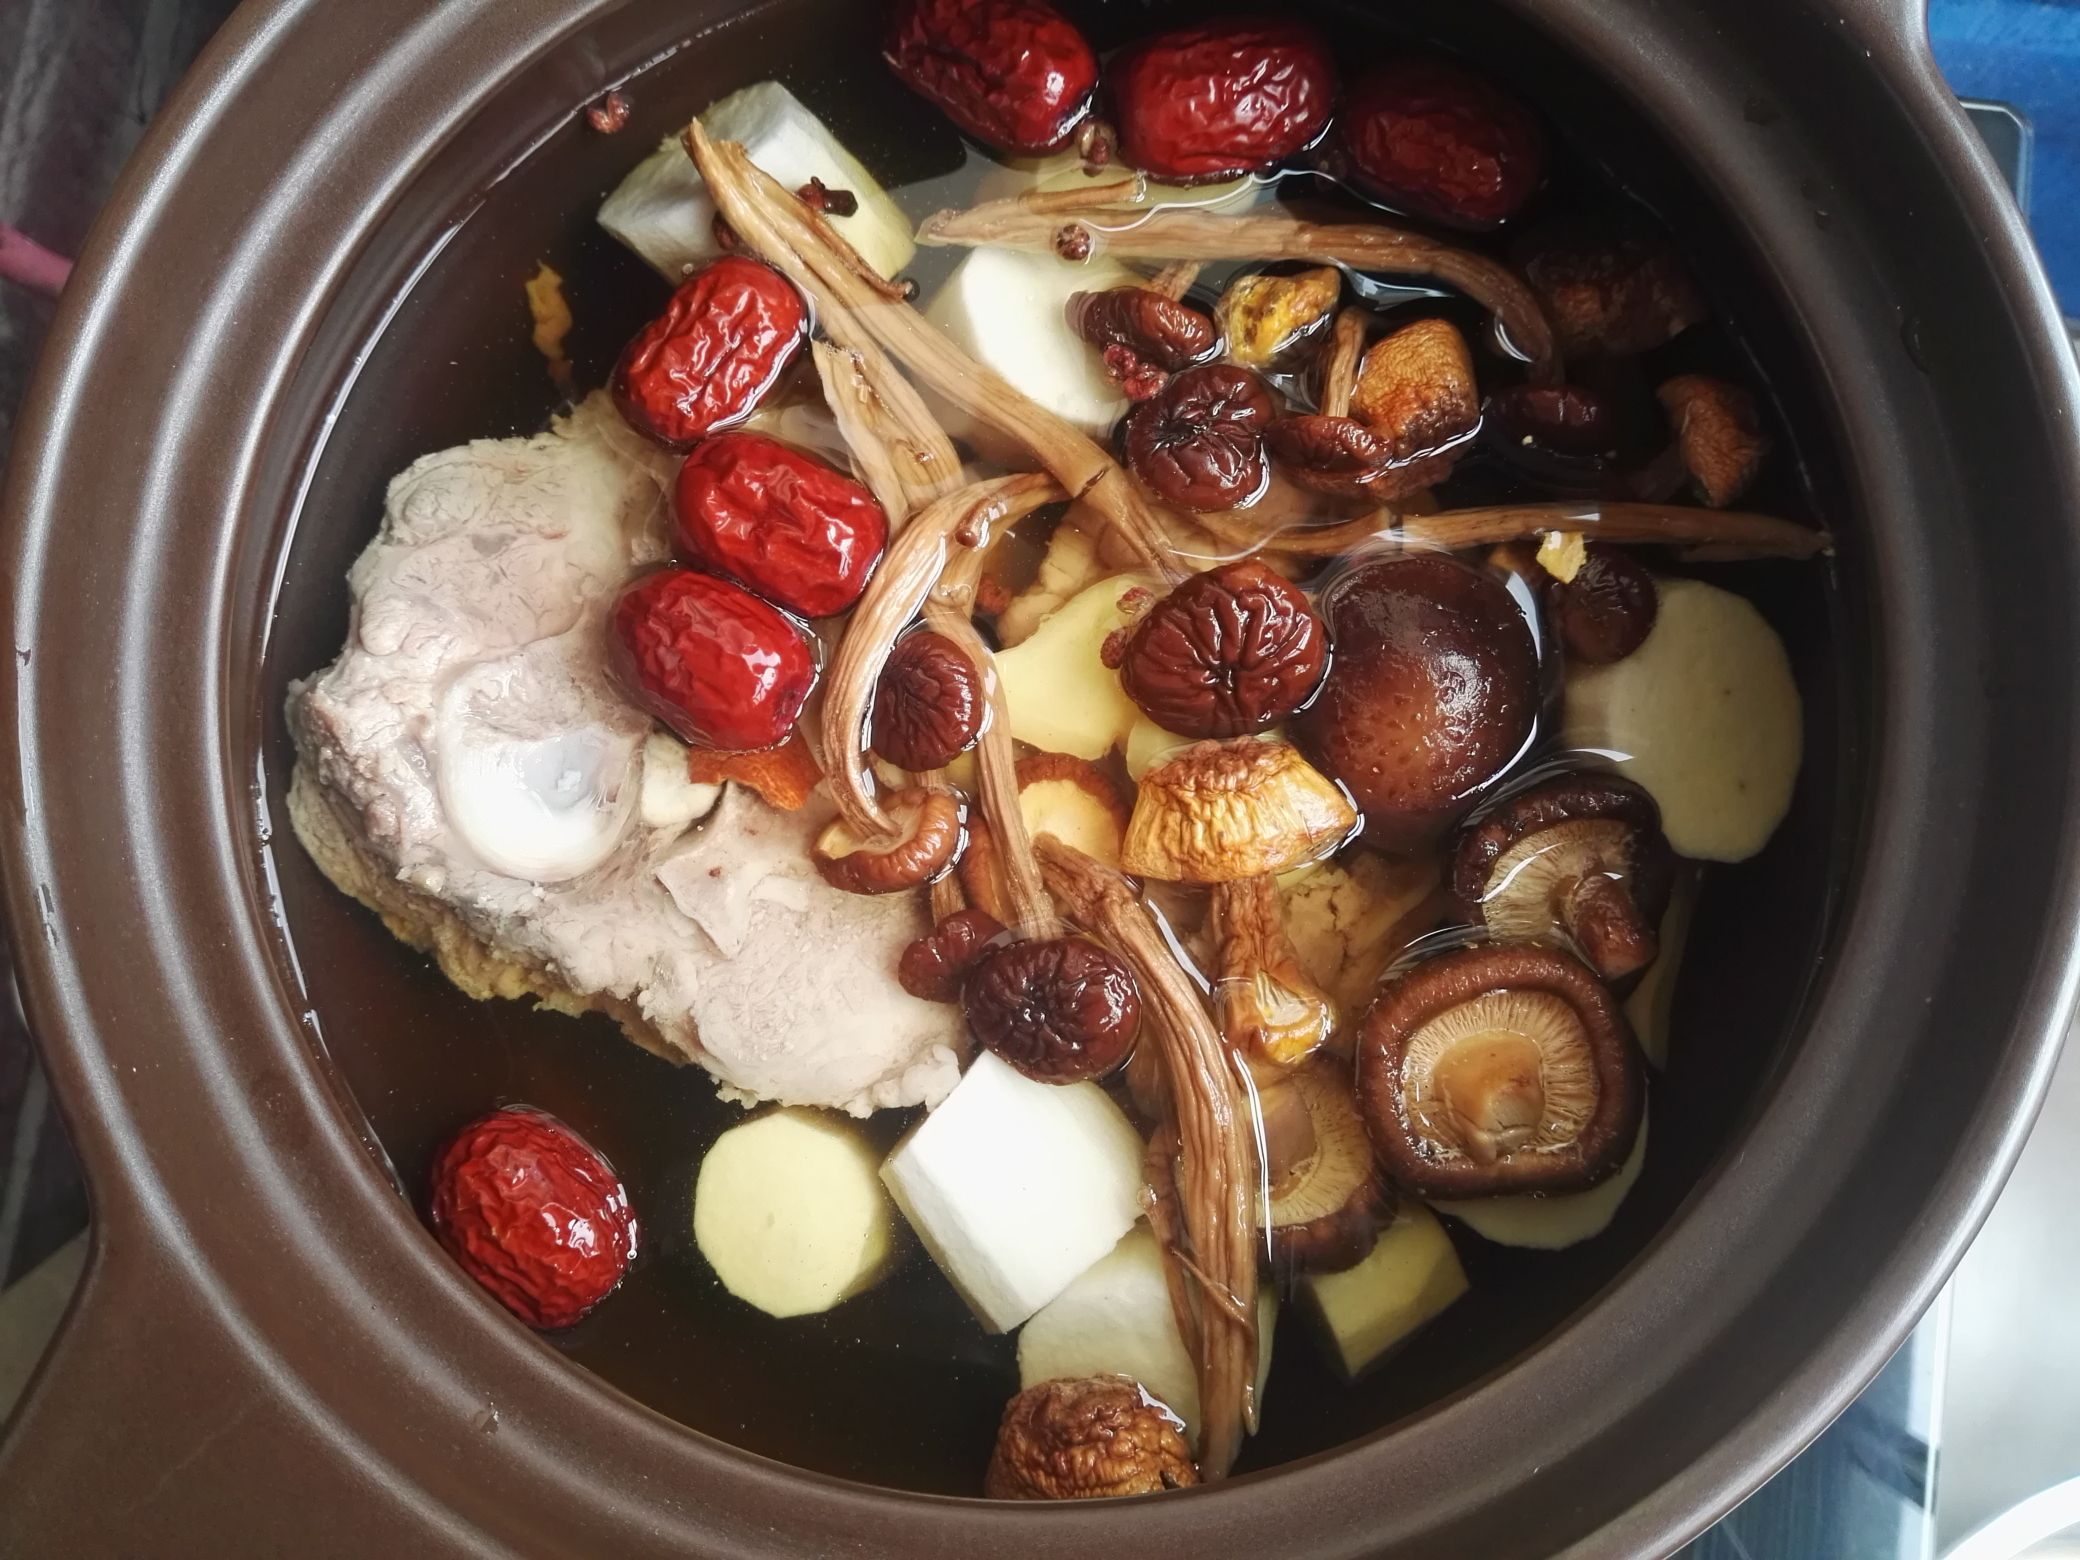 清淡鲜美的猪骨汤,炎炎夏日解馋又清心怎么吃